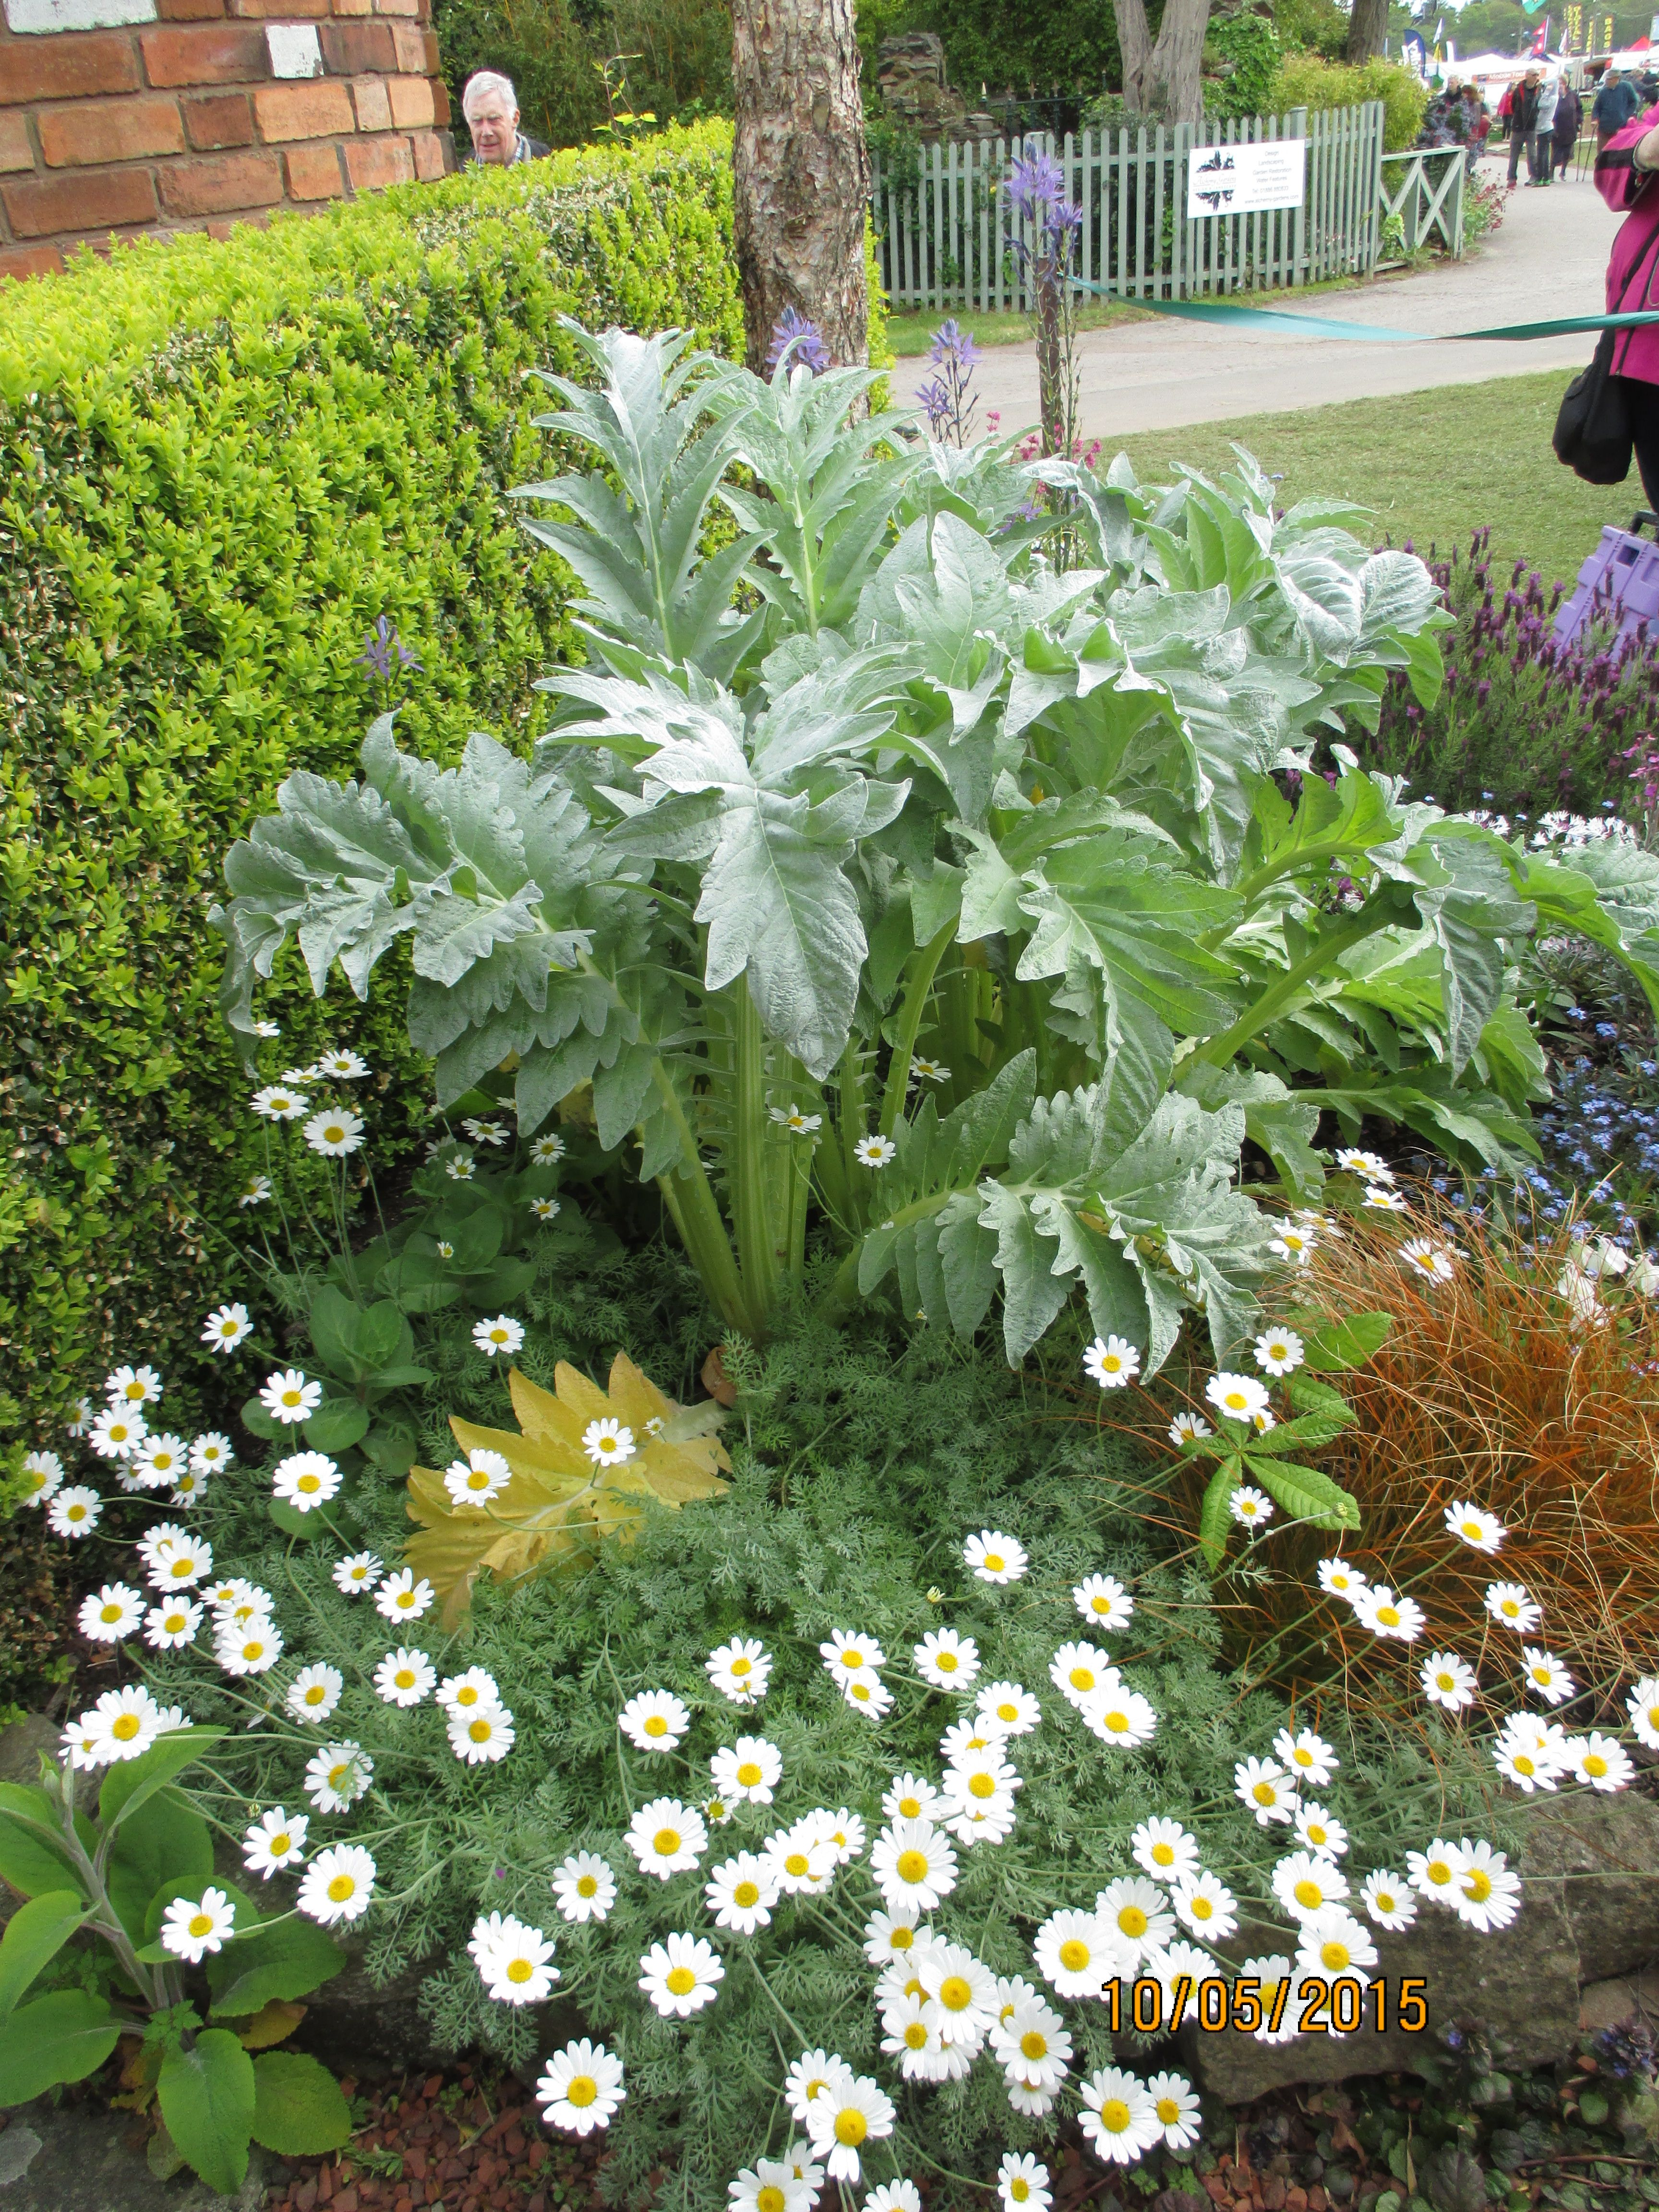 rhs malvern flower show malvern pinterest garden ideas and